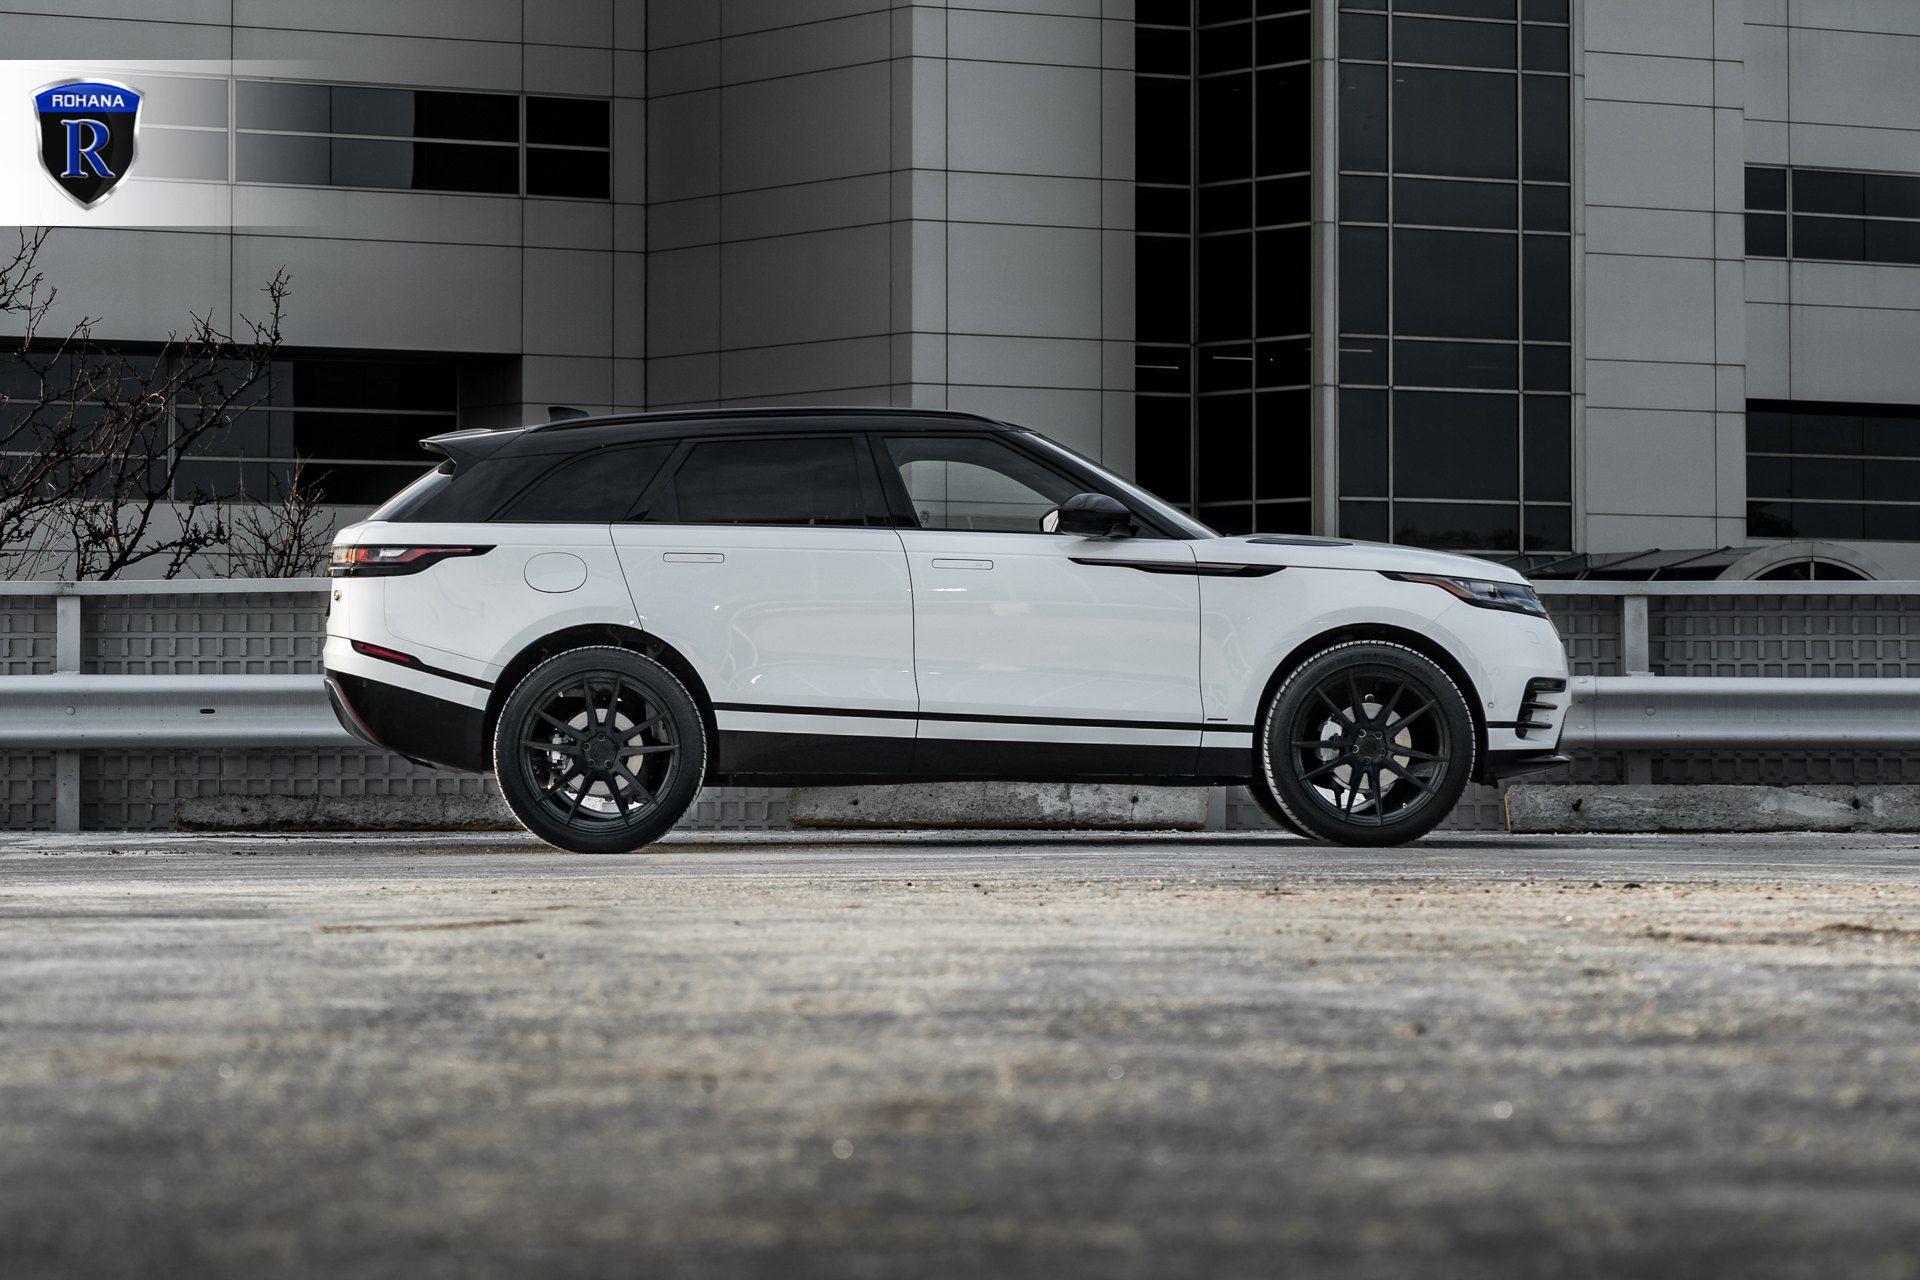 White Range Rover Velar With Custom Side Skirts Photo By Rohana Range Rover White Range Rover White Range